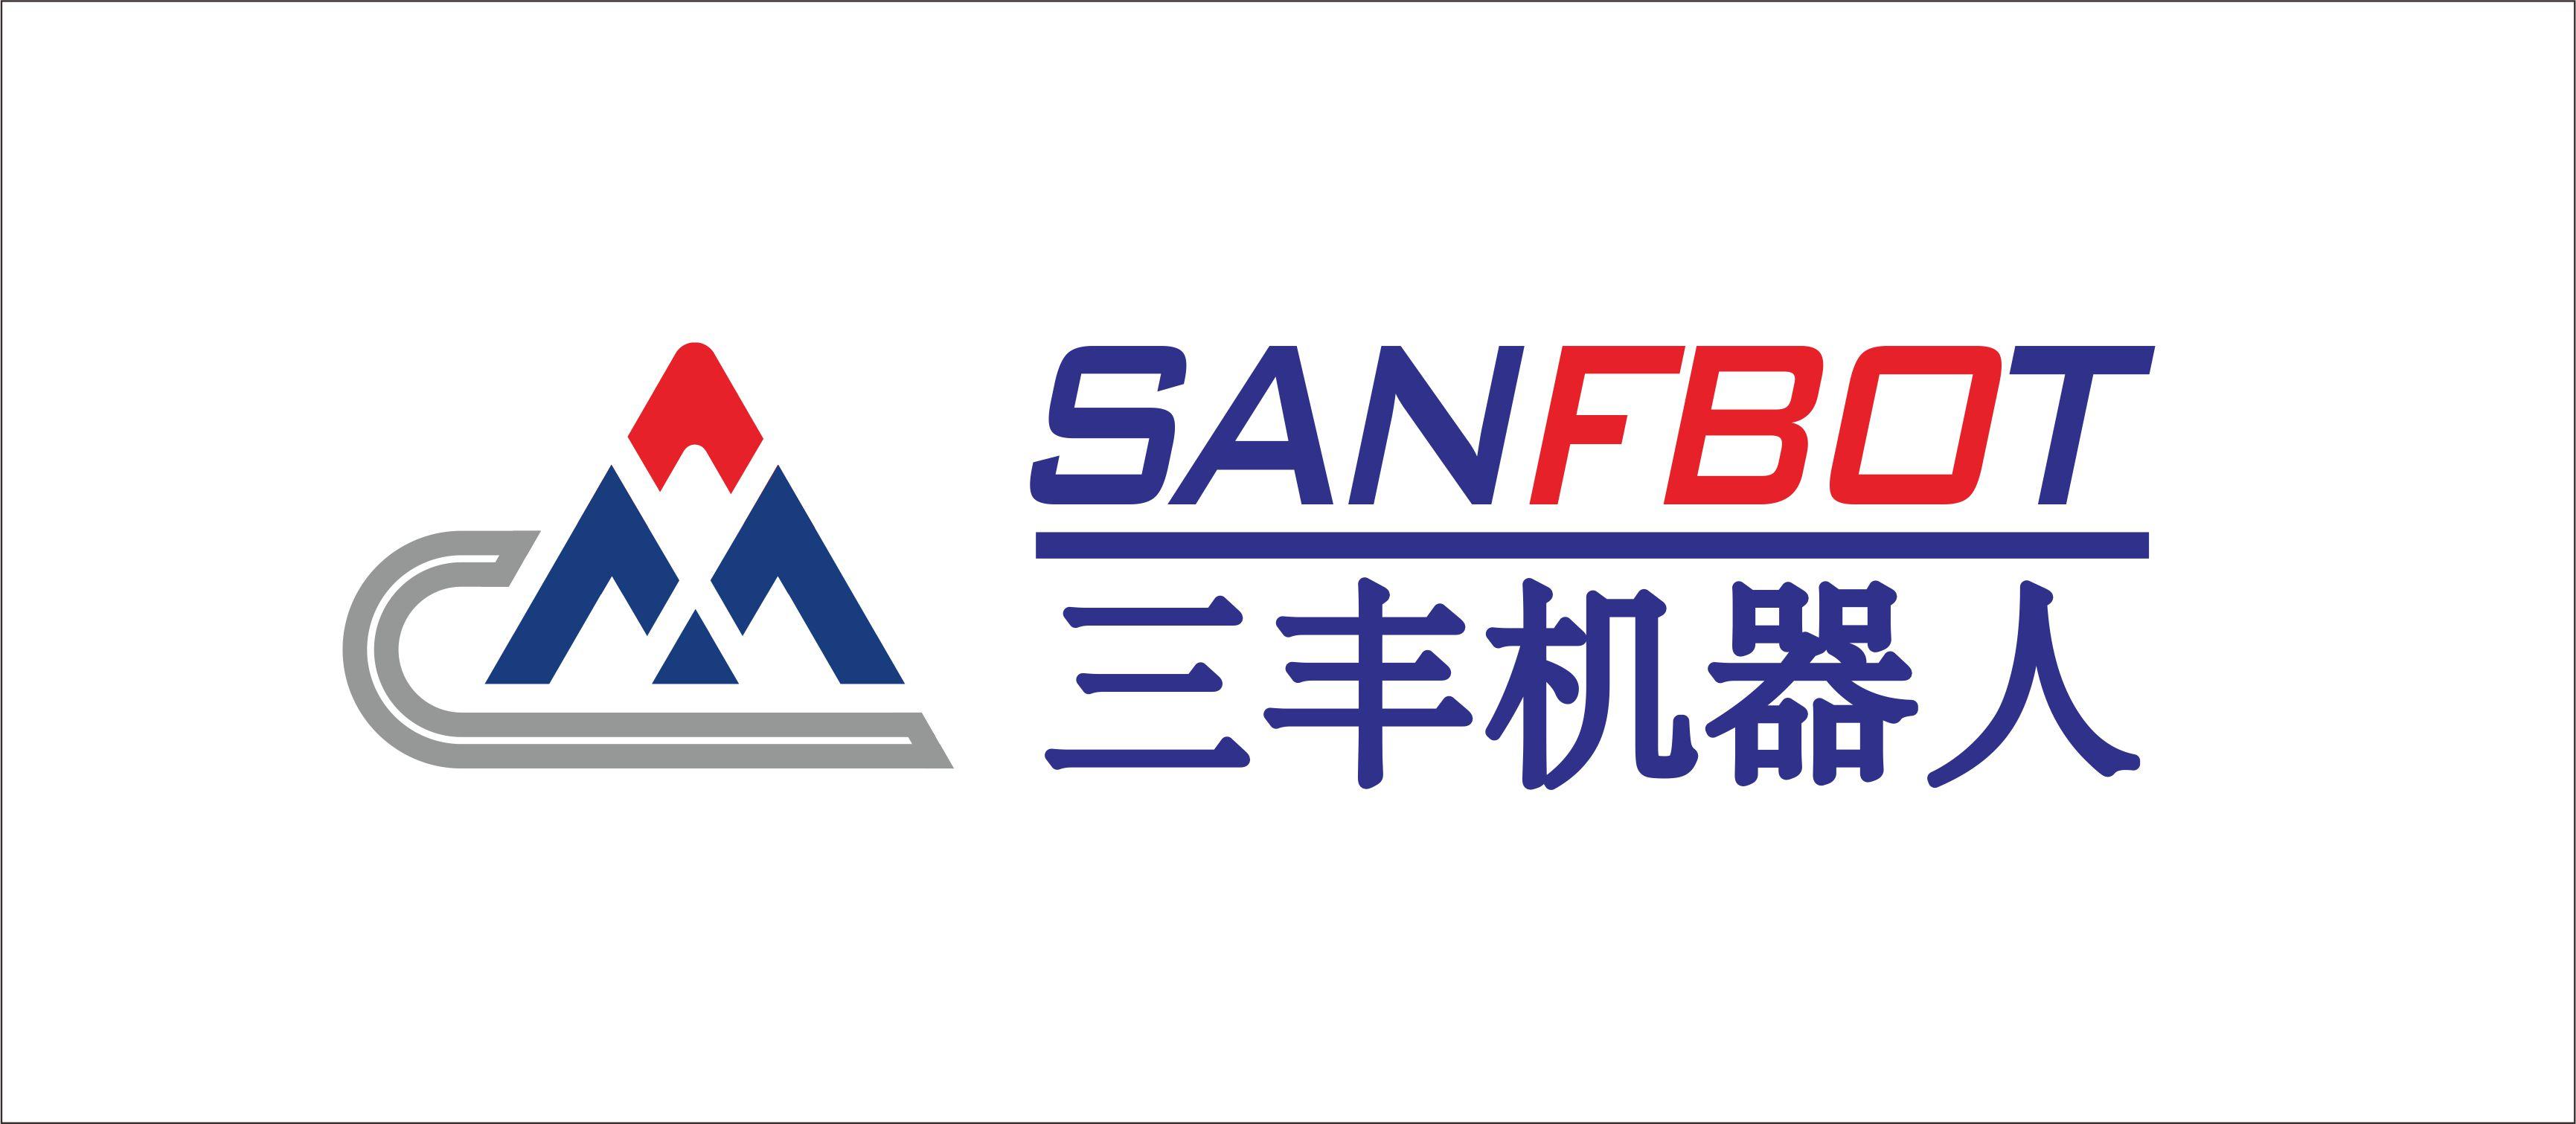 logo logo 标志 设计 矢量 矢量图 素材 图标 3462_1511